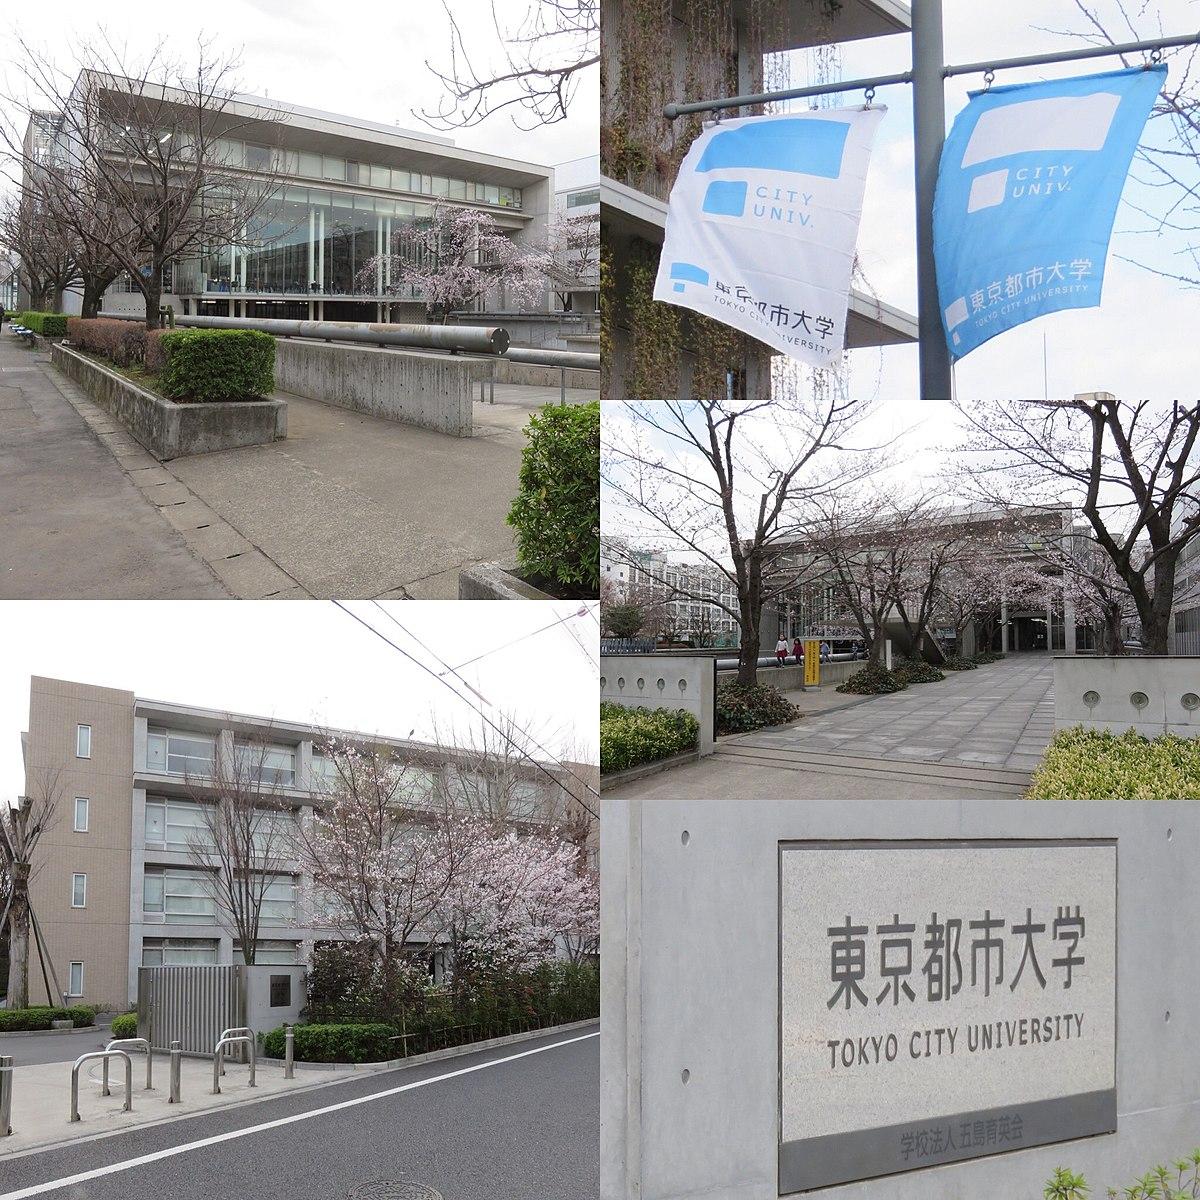 大学 マイ 都市 ページ 東京